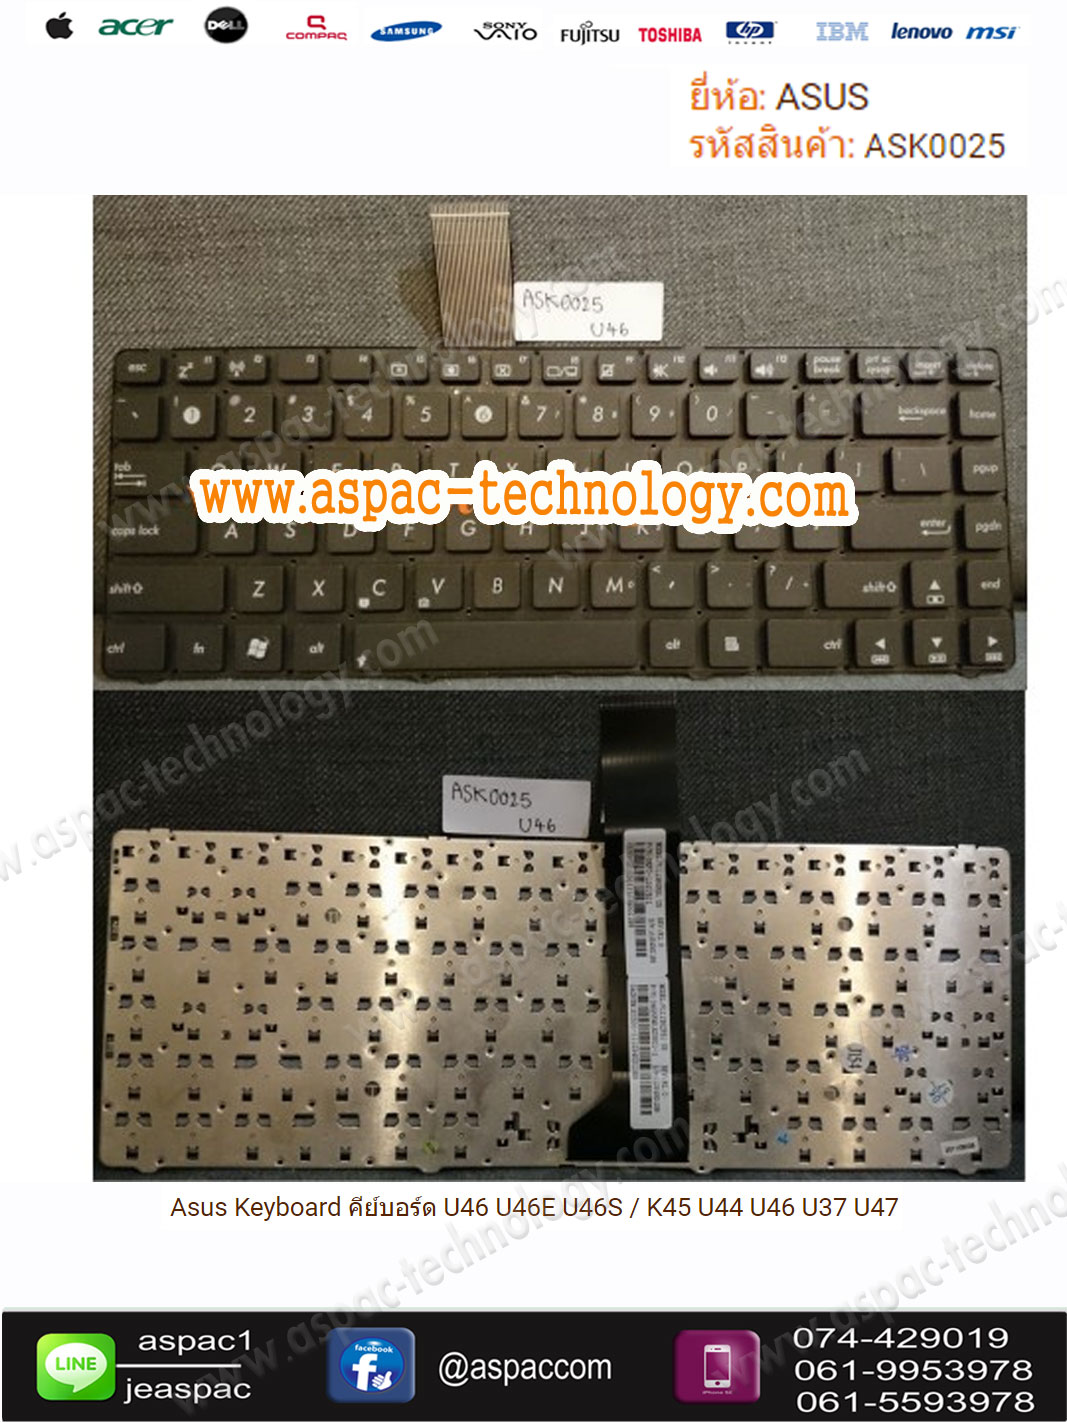 Asus Keyboard คีย์บอร์ด U46 U46E U46S / K45 U44 U46 U37 U47